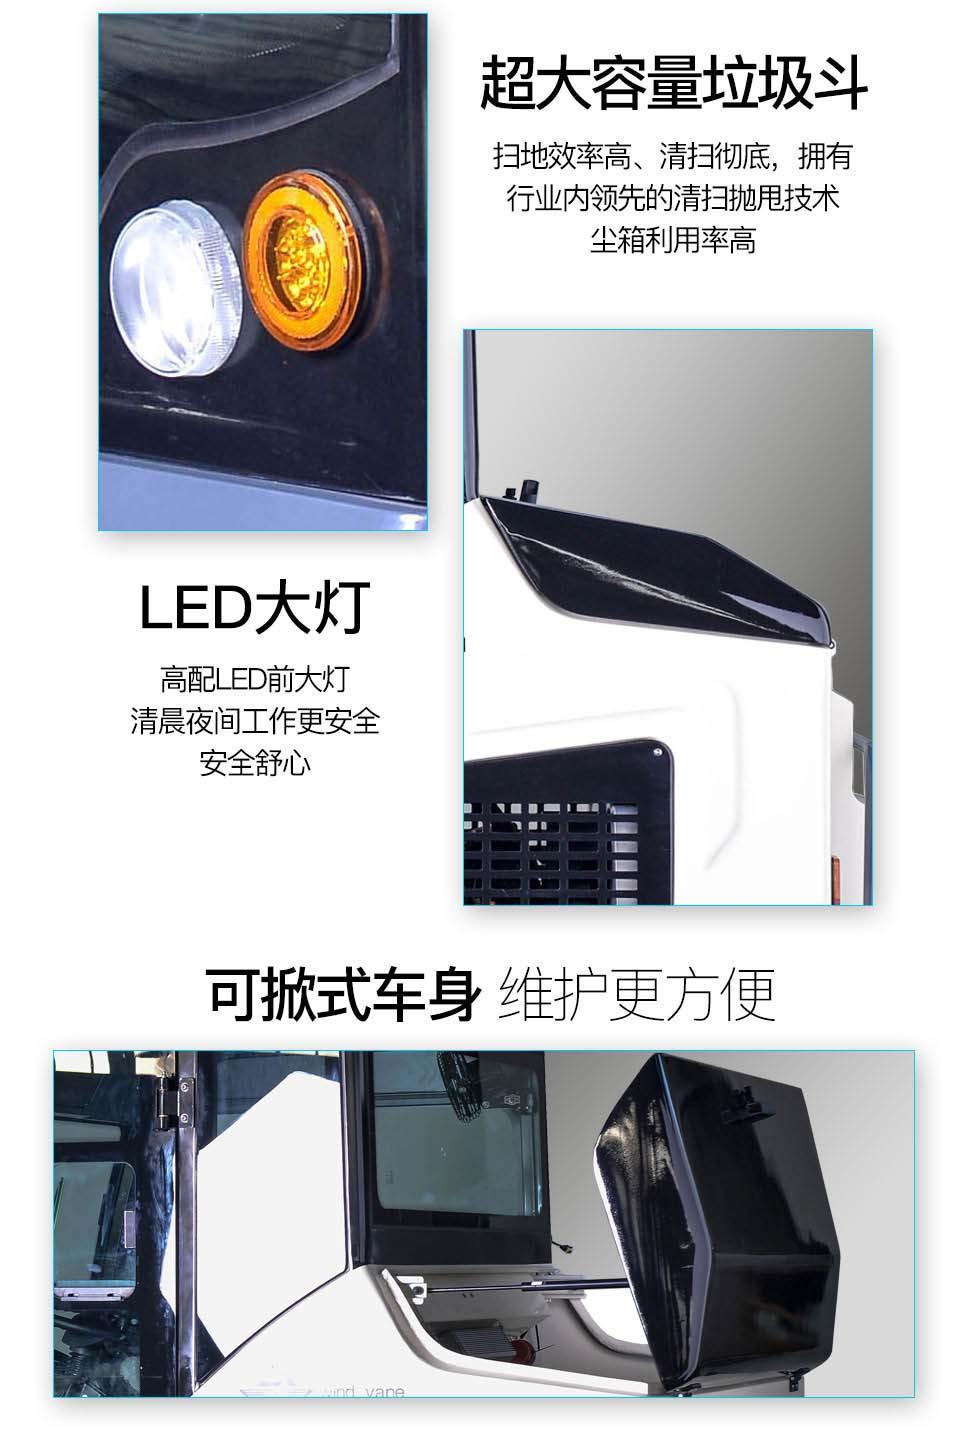 洁士AM800TM电动手推式洗地机,洁士AM800TM手推式洗地吸干机,洁士AM800TM手推式洗地机,洁士AM800TM手推式拖地机